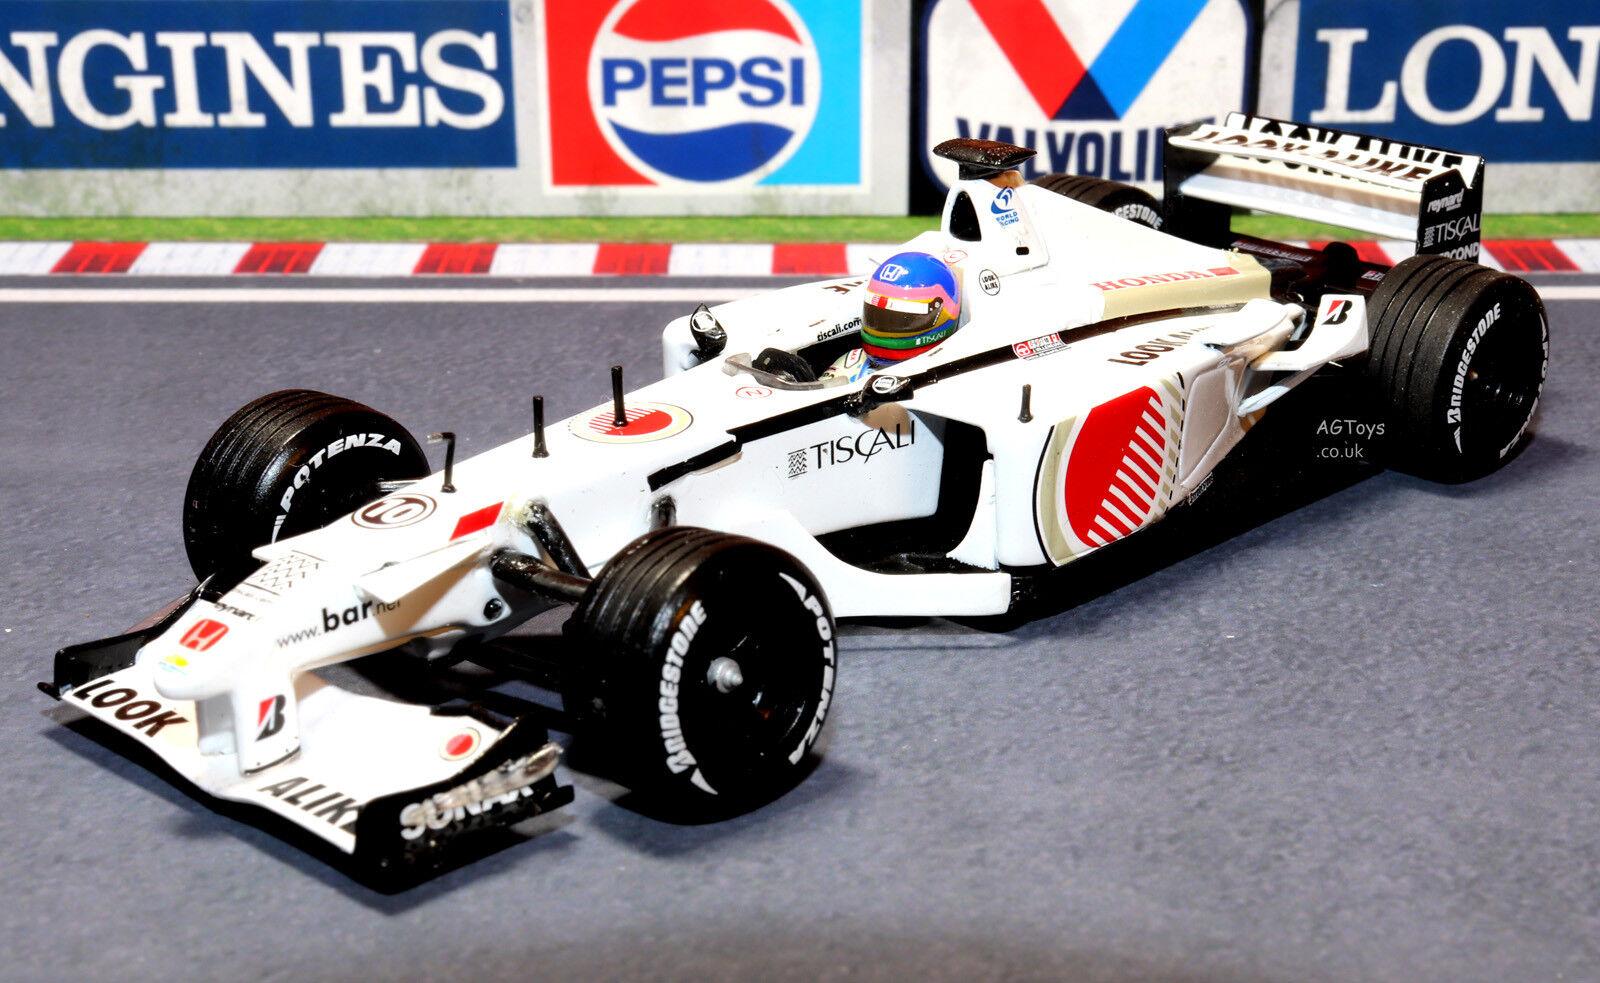 BAR Honda 03 F1 Formula One J.Villeneuve 1 43 Pauls Model Art Minichamps Car